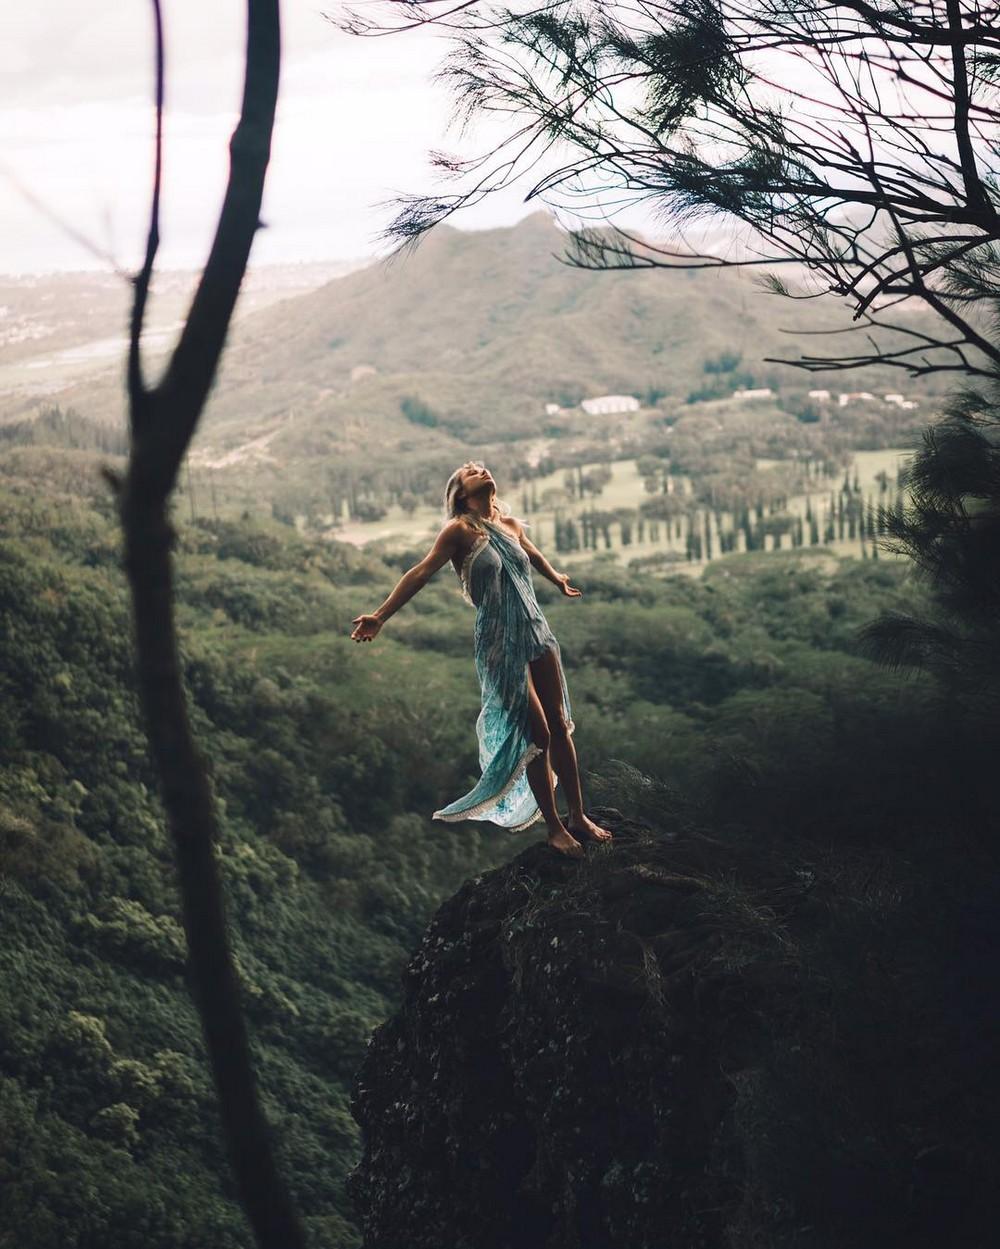 Сара Андервуд на снимках из Instagram